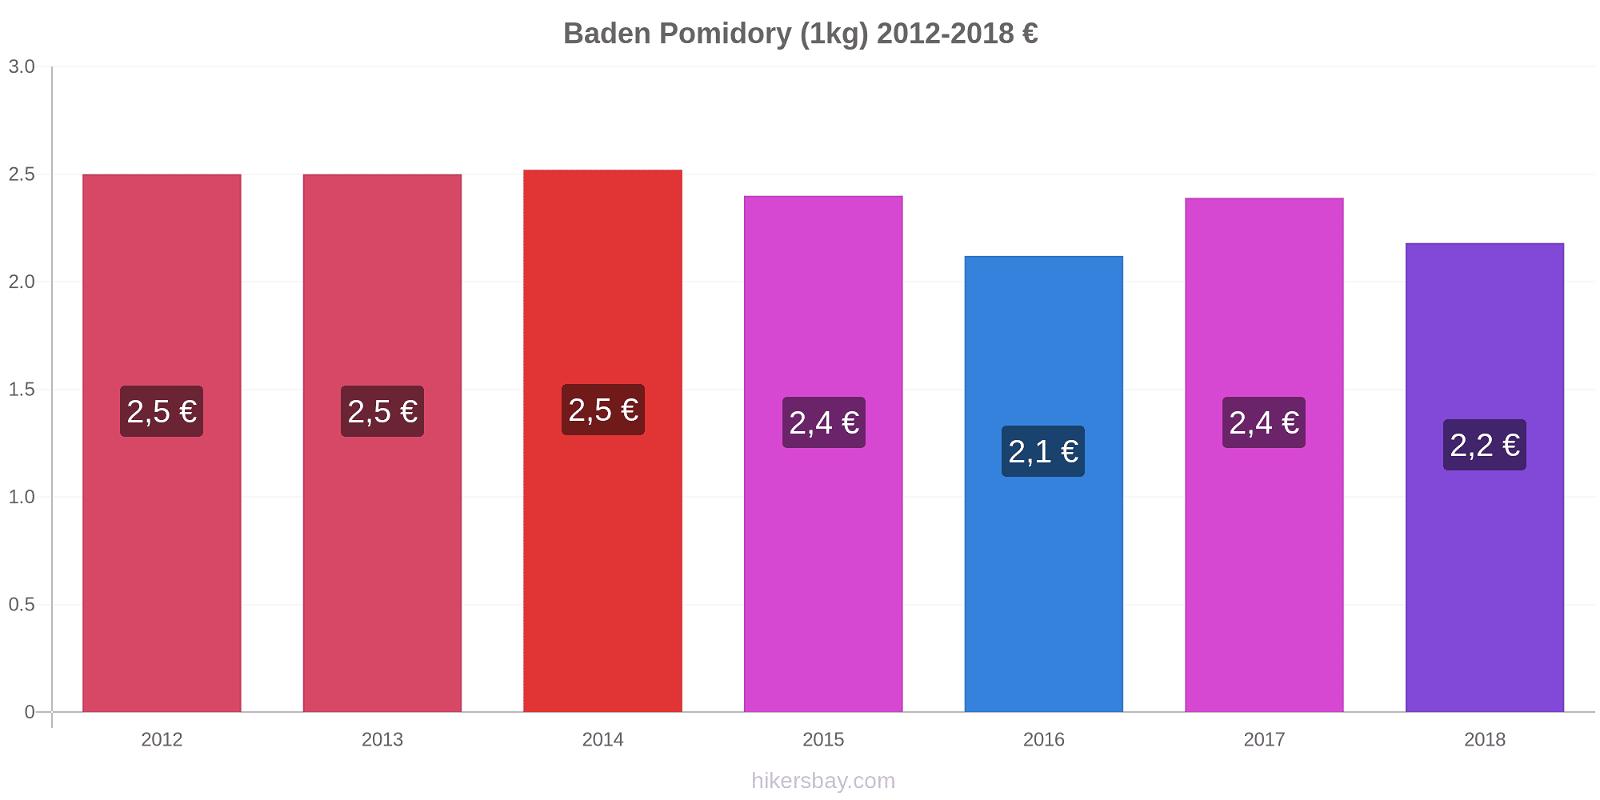 Baden zmiany cen Pomidory (1kg) hikersbay.com